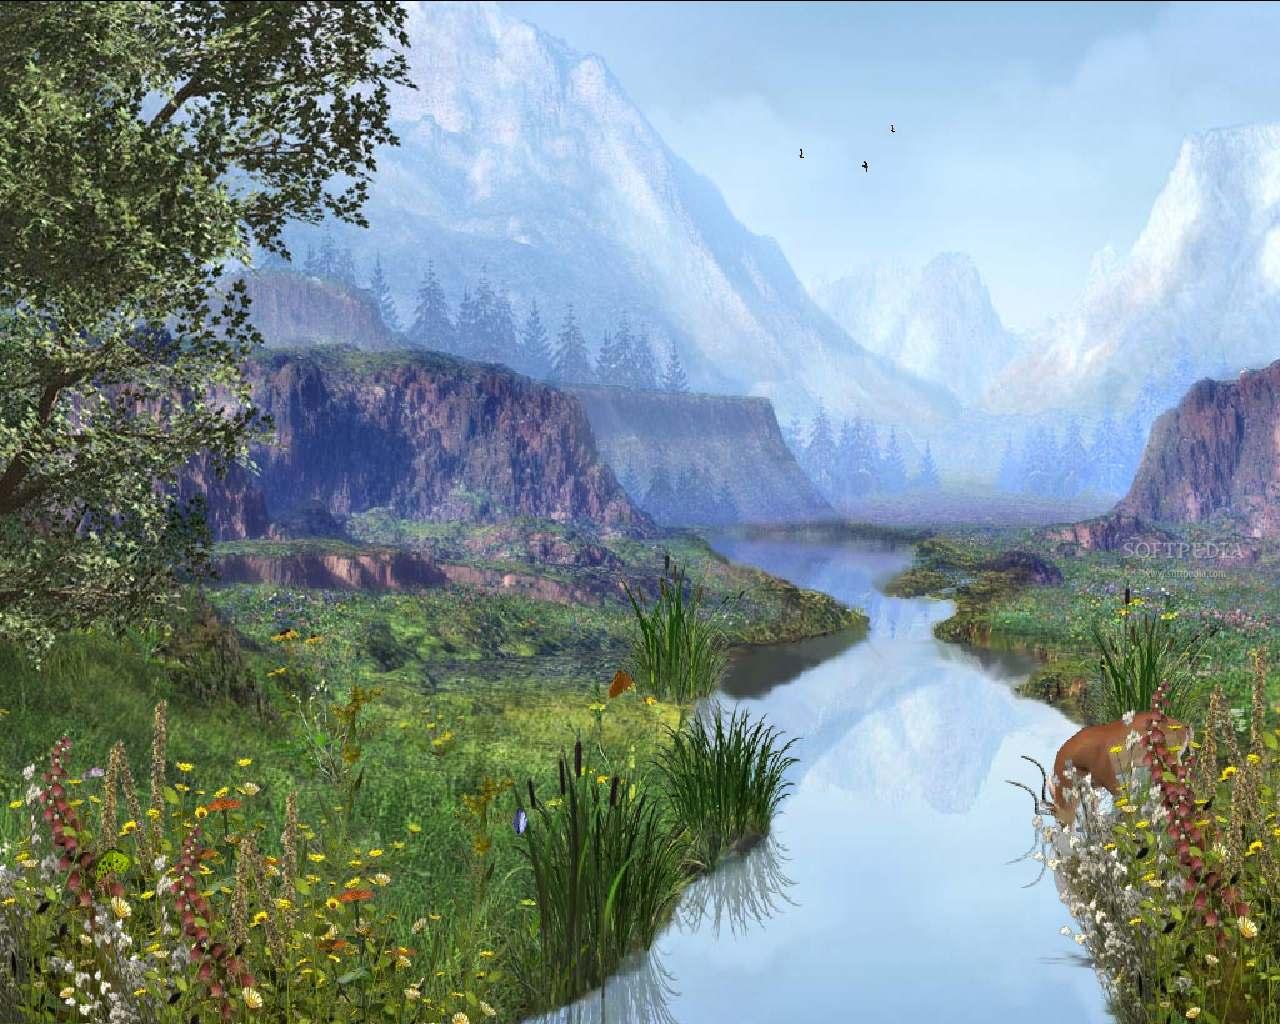 Deanne Morrison: river background